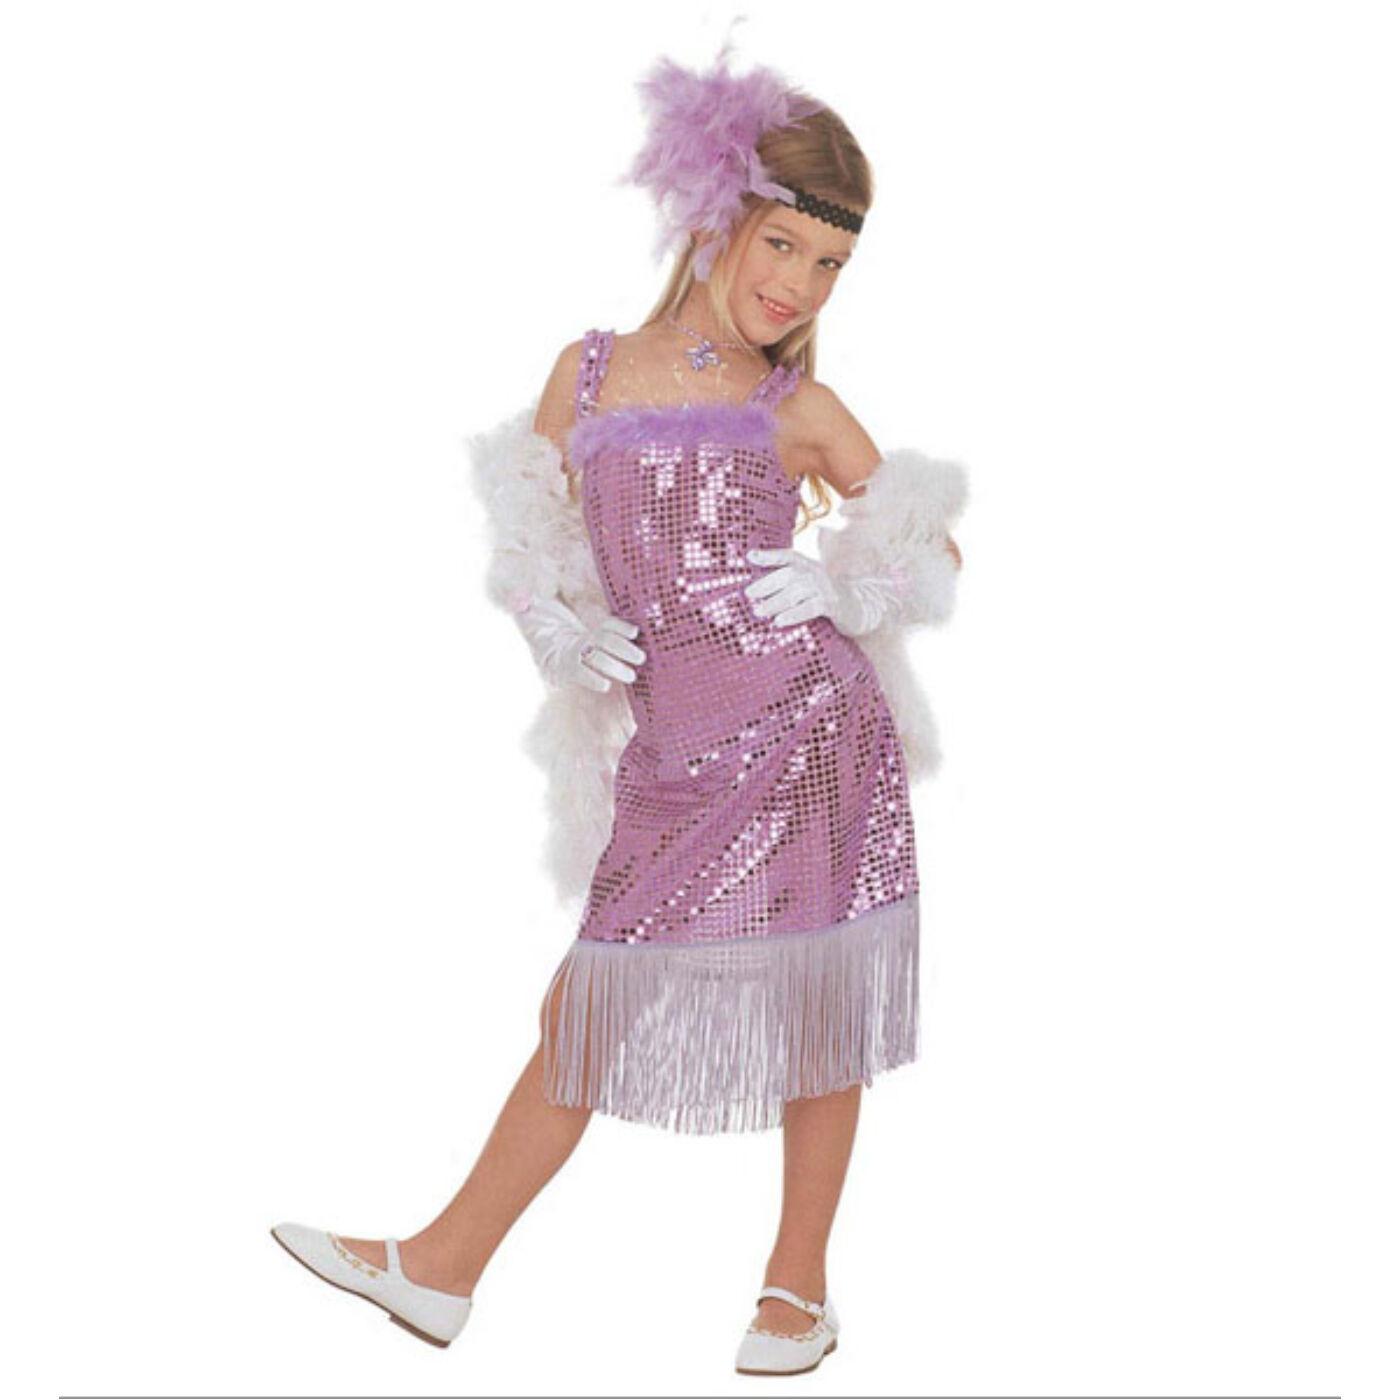 táncoslány jelmez